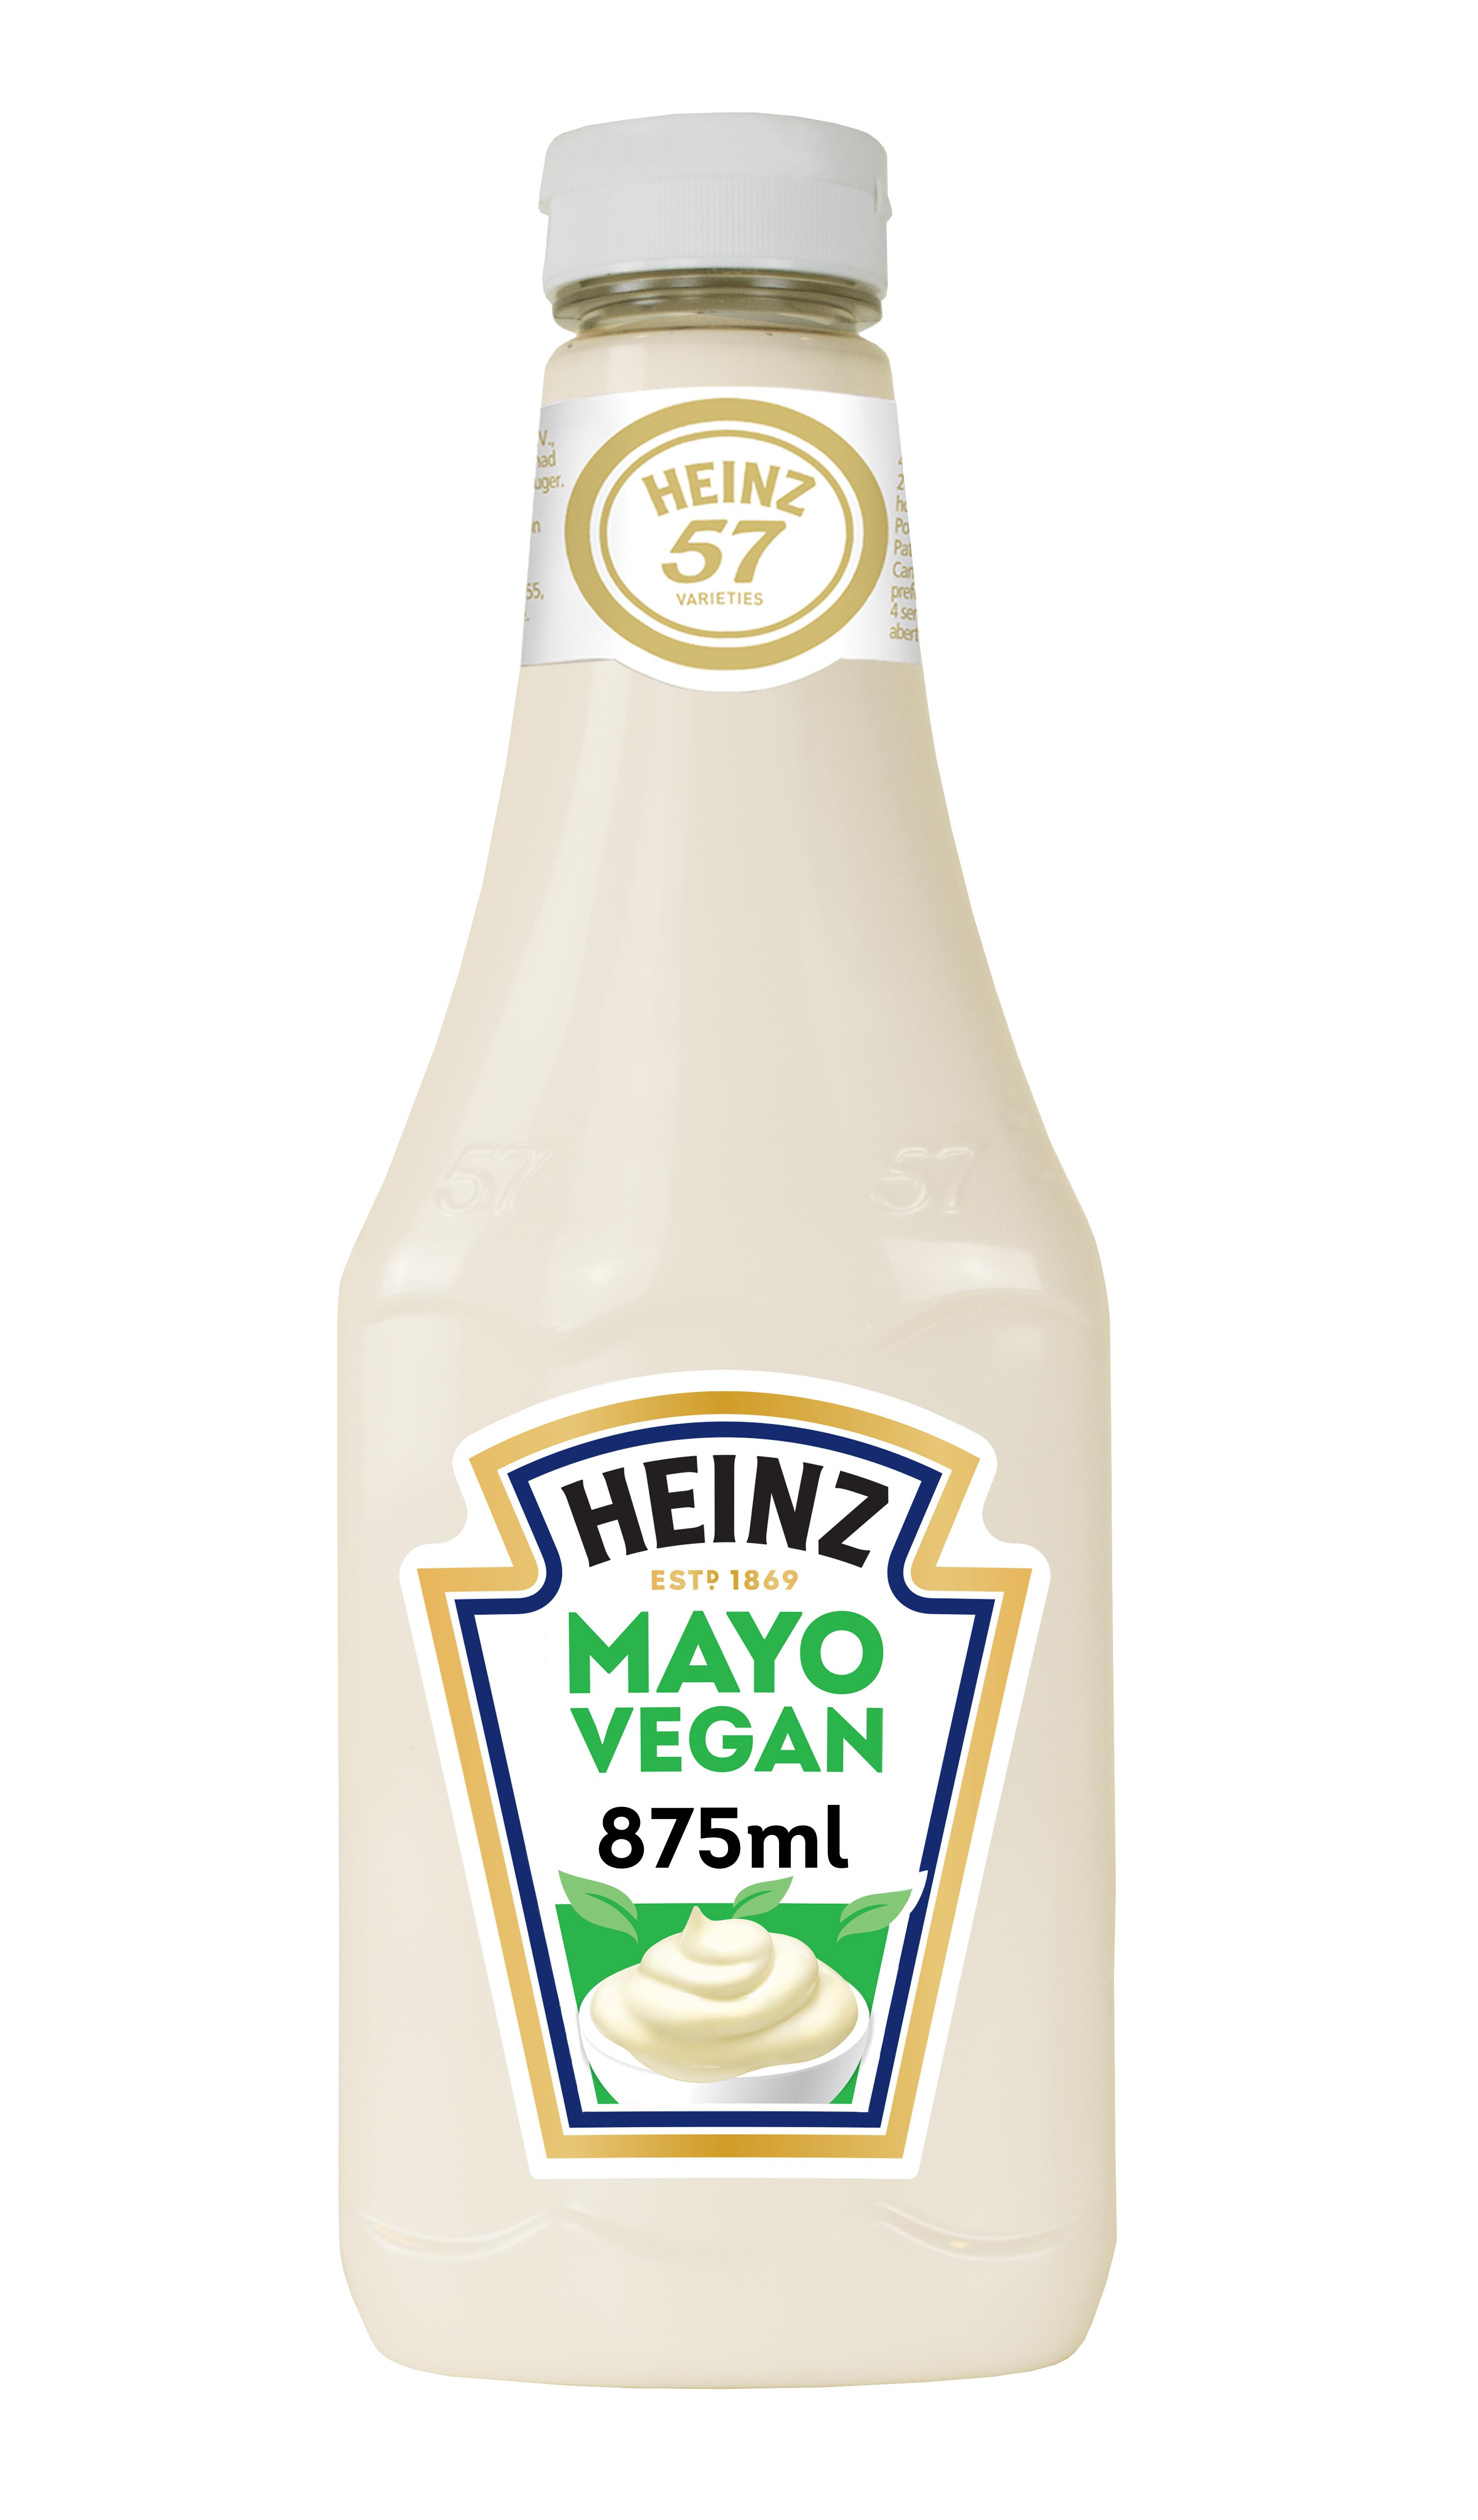 Heinz Mayonesa Vegana 875ml image